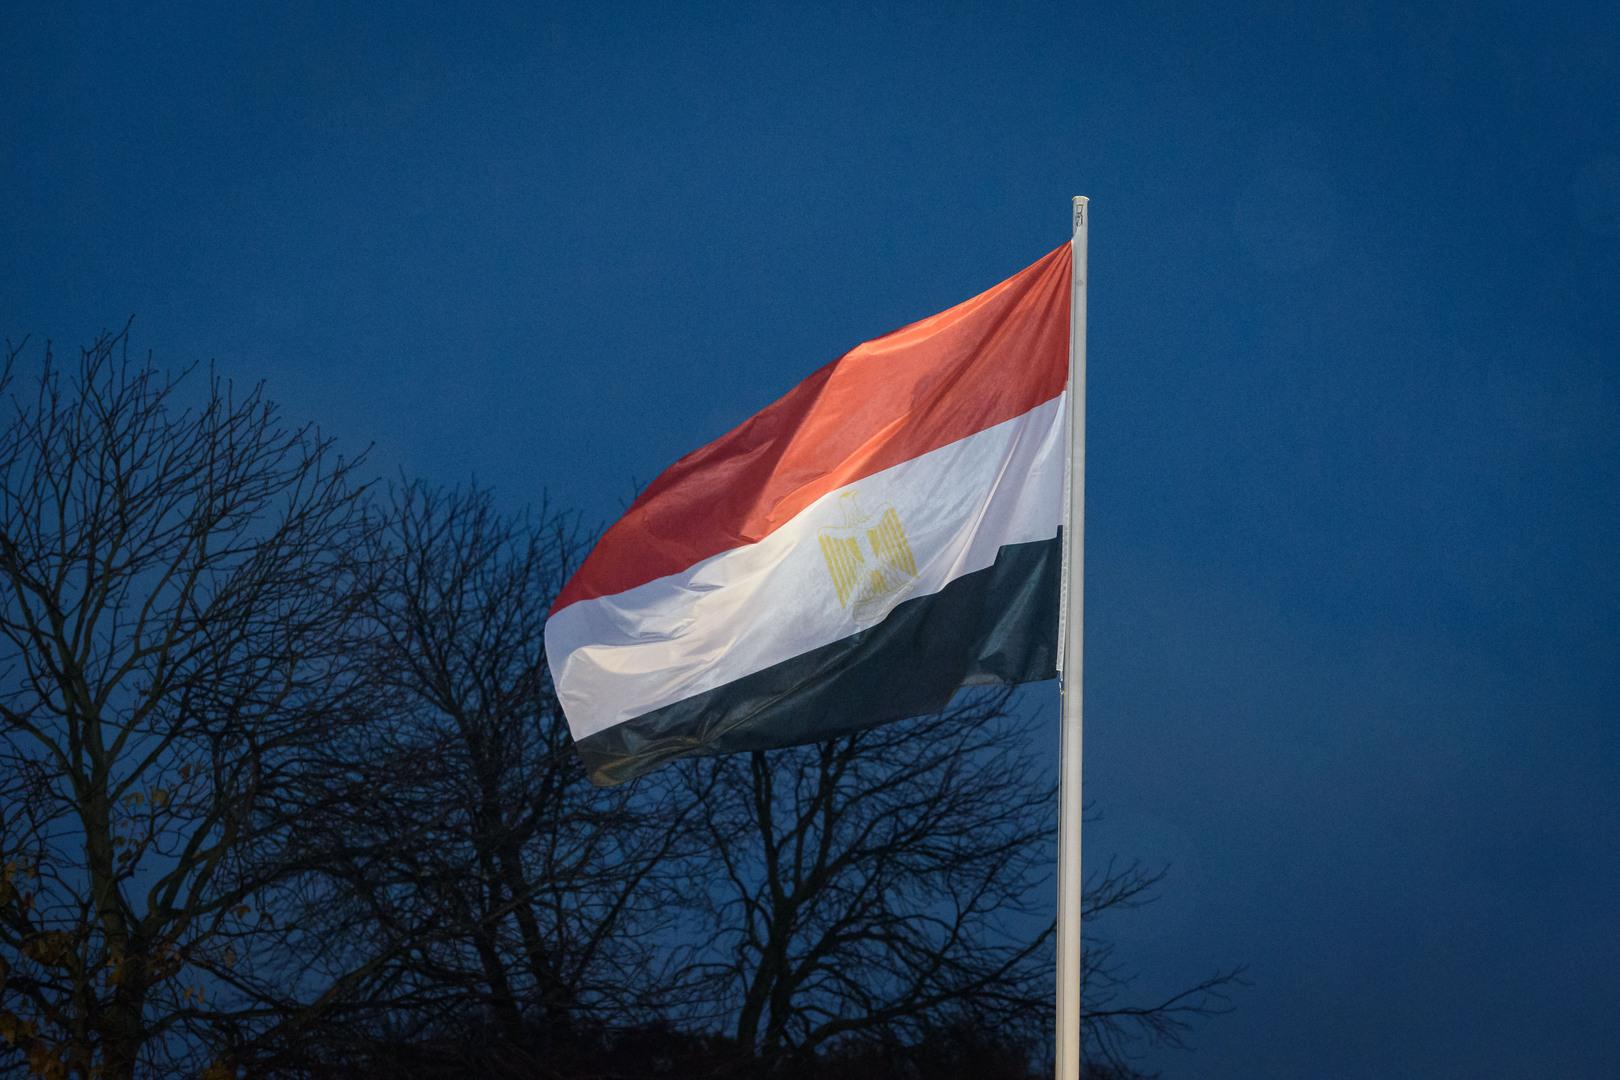 مصر تصدر قرارا بإسقاط الجنسية عن أحد مواطنيها